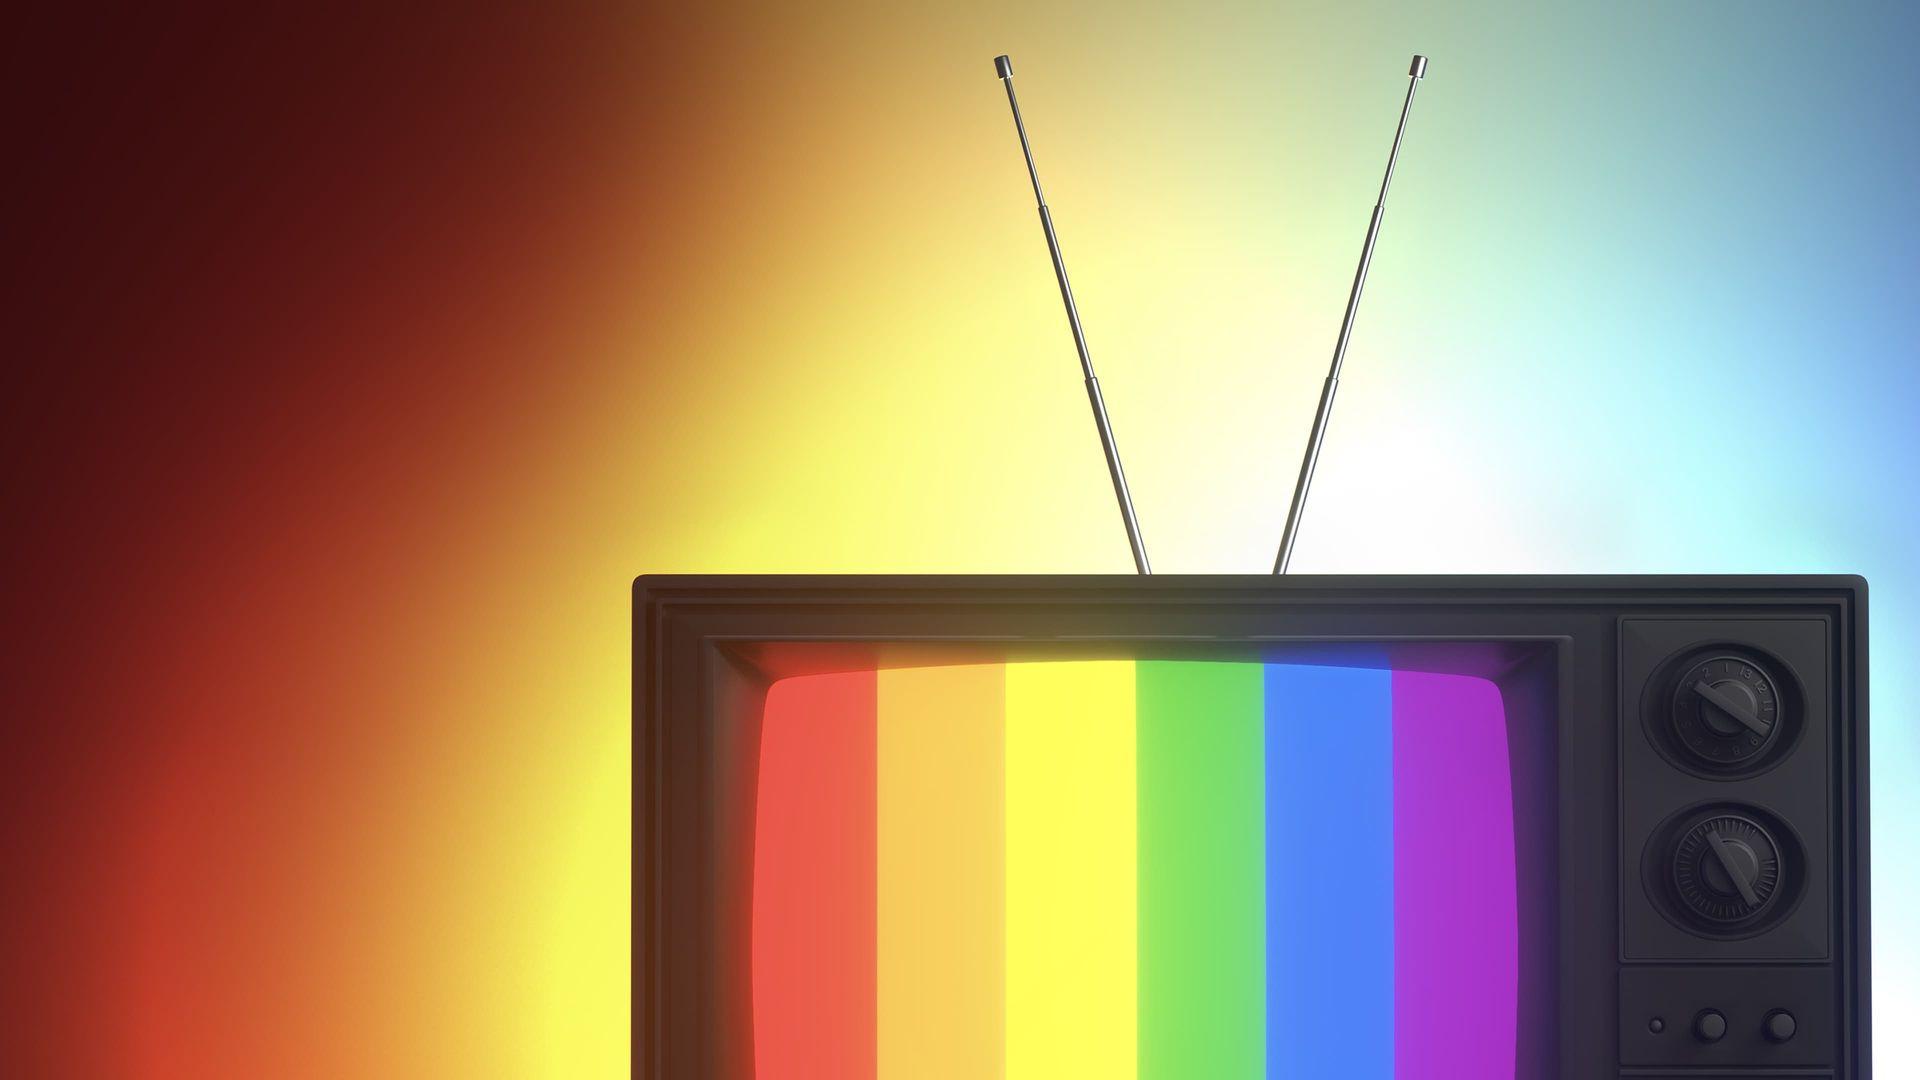 Сериал Видимость: из тени на телевидении